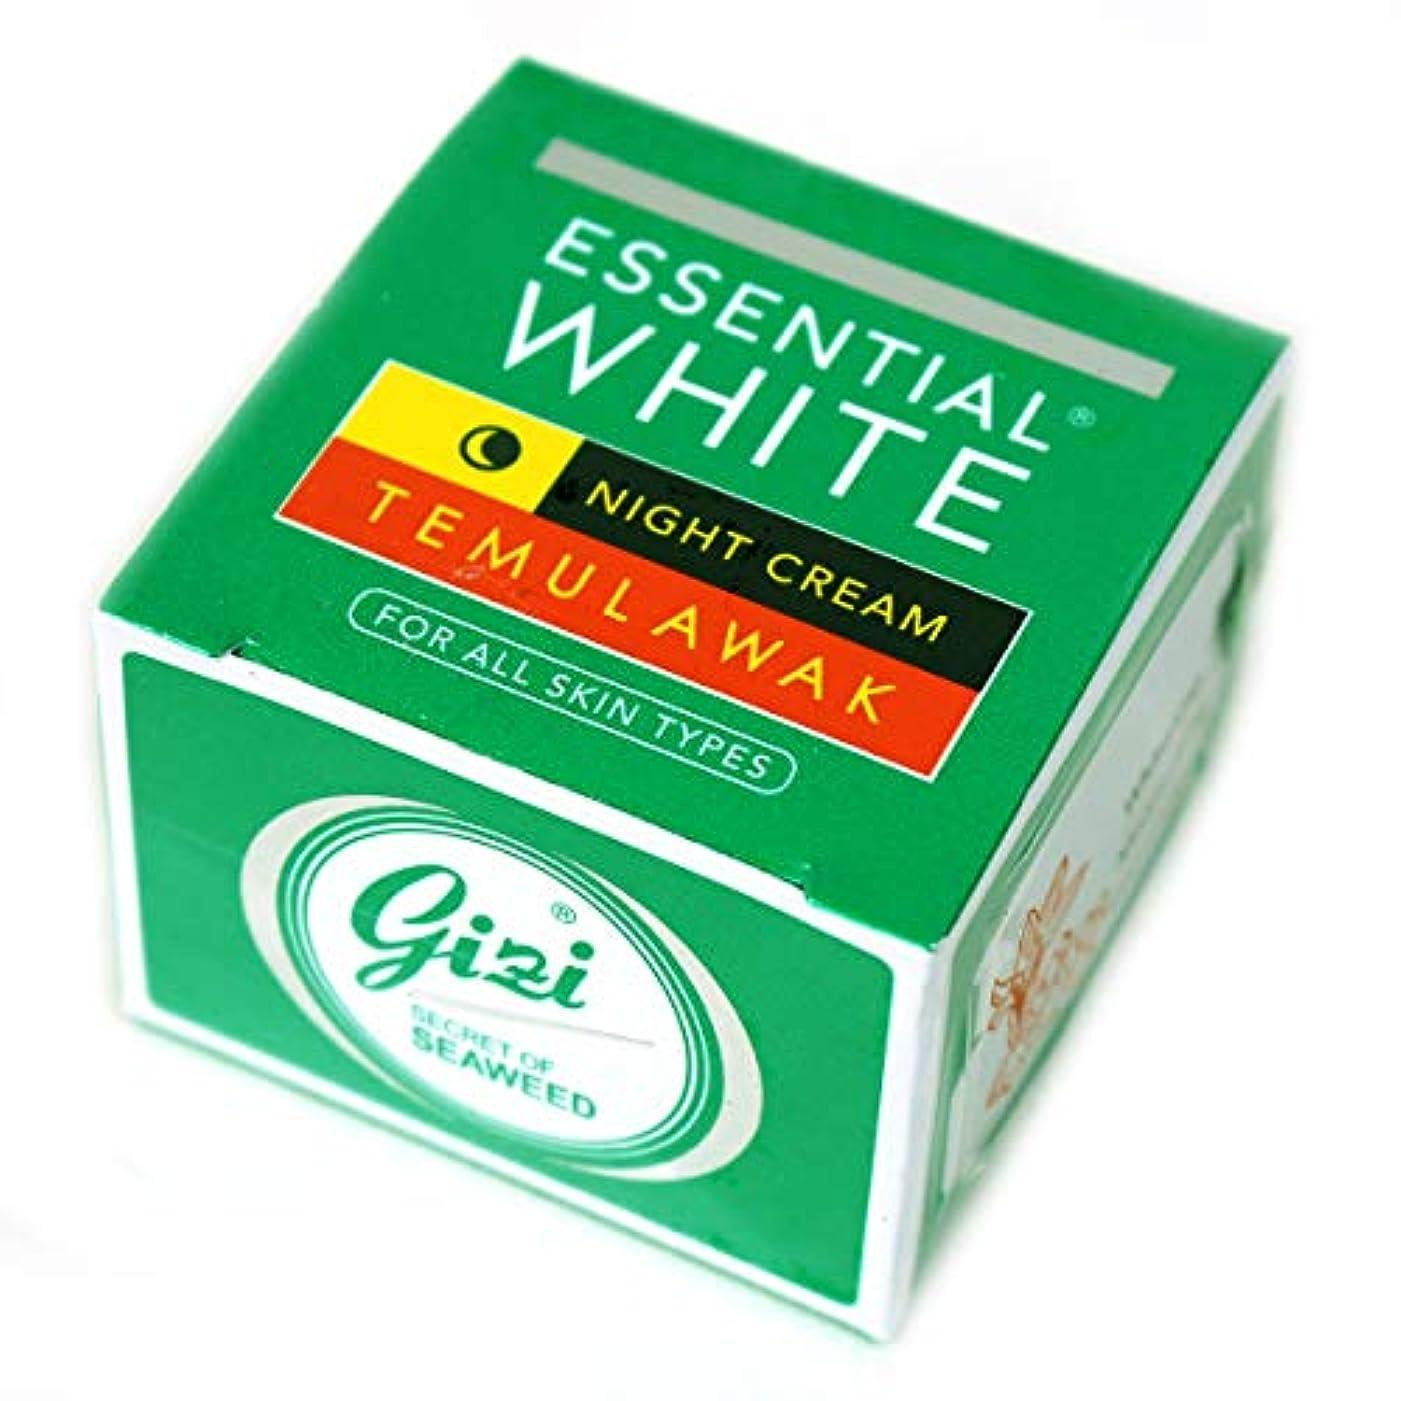 貫通するお香ハードウェアギジ gizi Essential White ナイト用スキンケアクリーム ボトルタイプ 9g テムラワク ウコン など天然成分配合 [海外直送品]